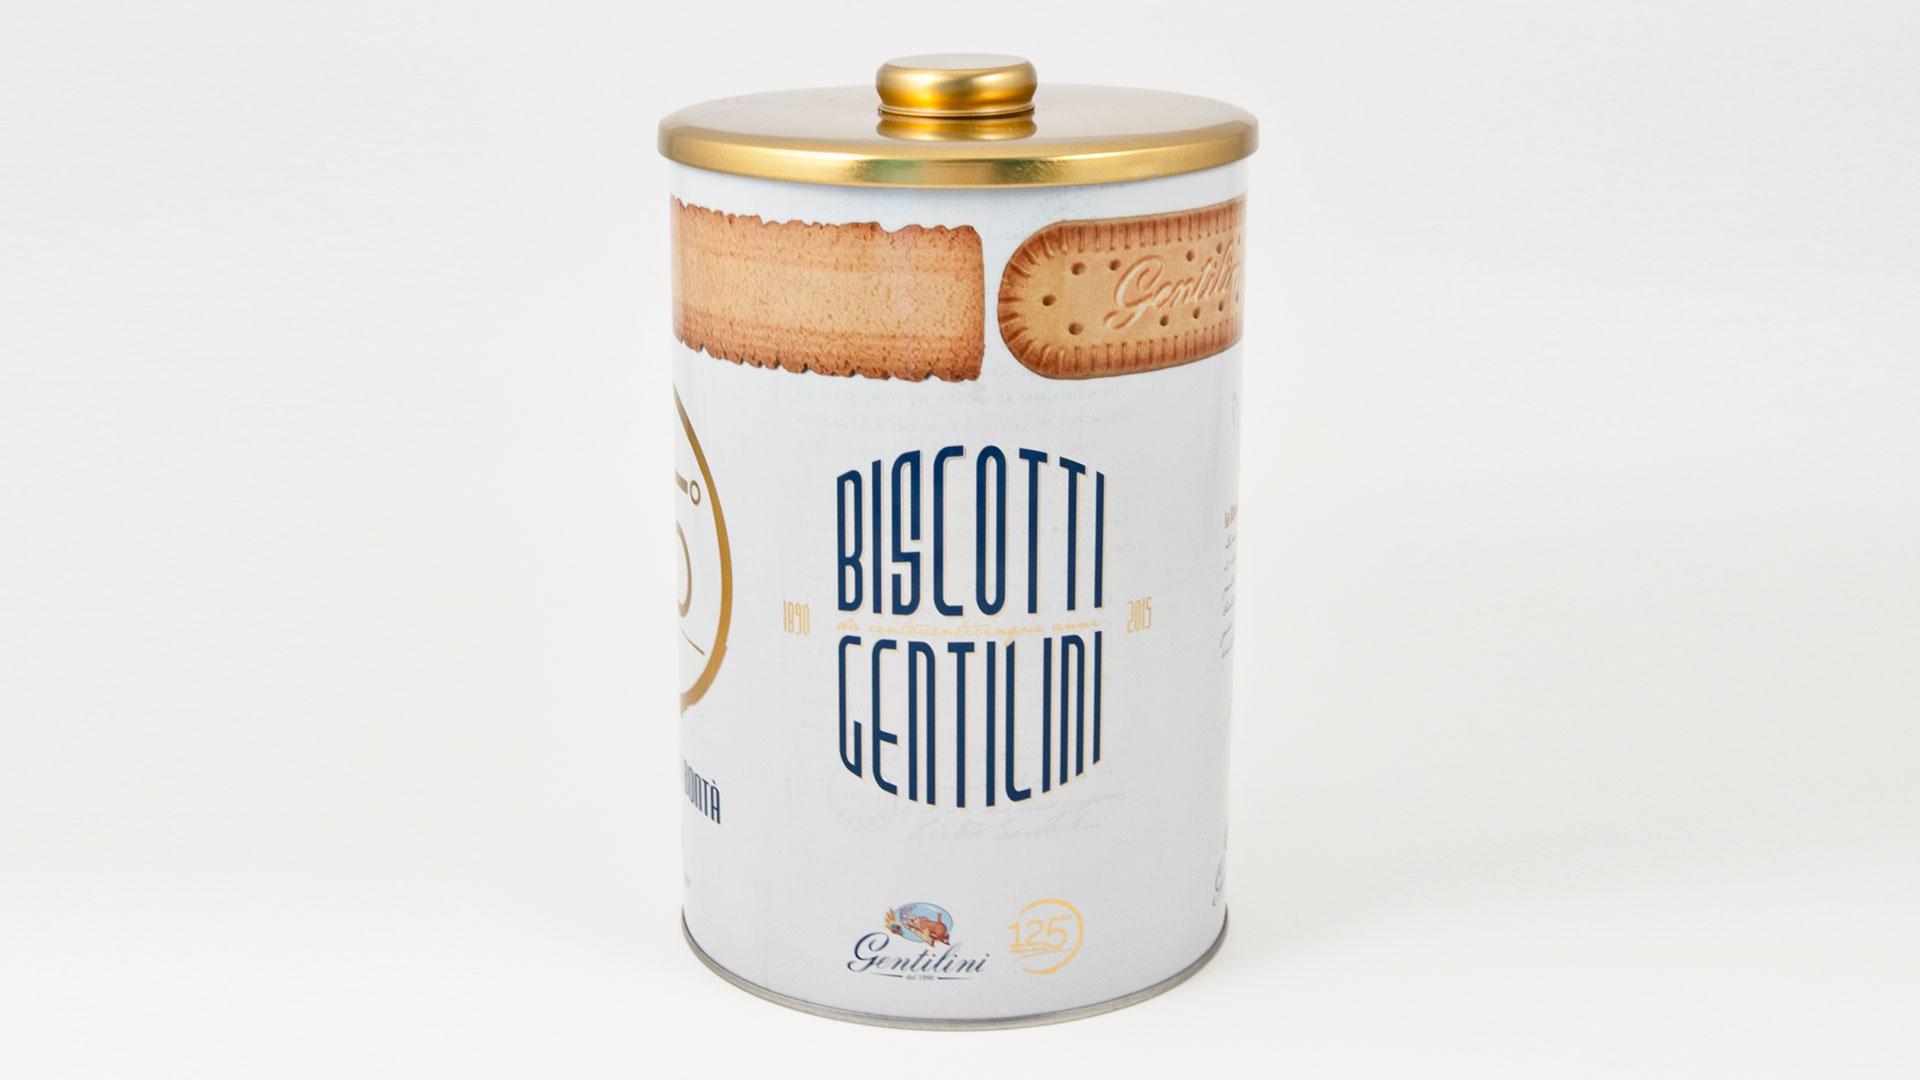 """Gentilini, Latta """"125 anni"""""""